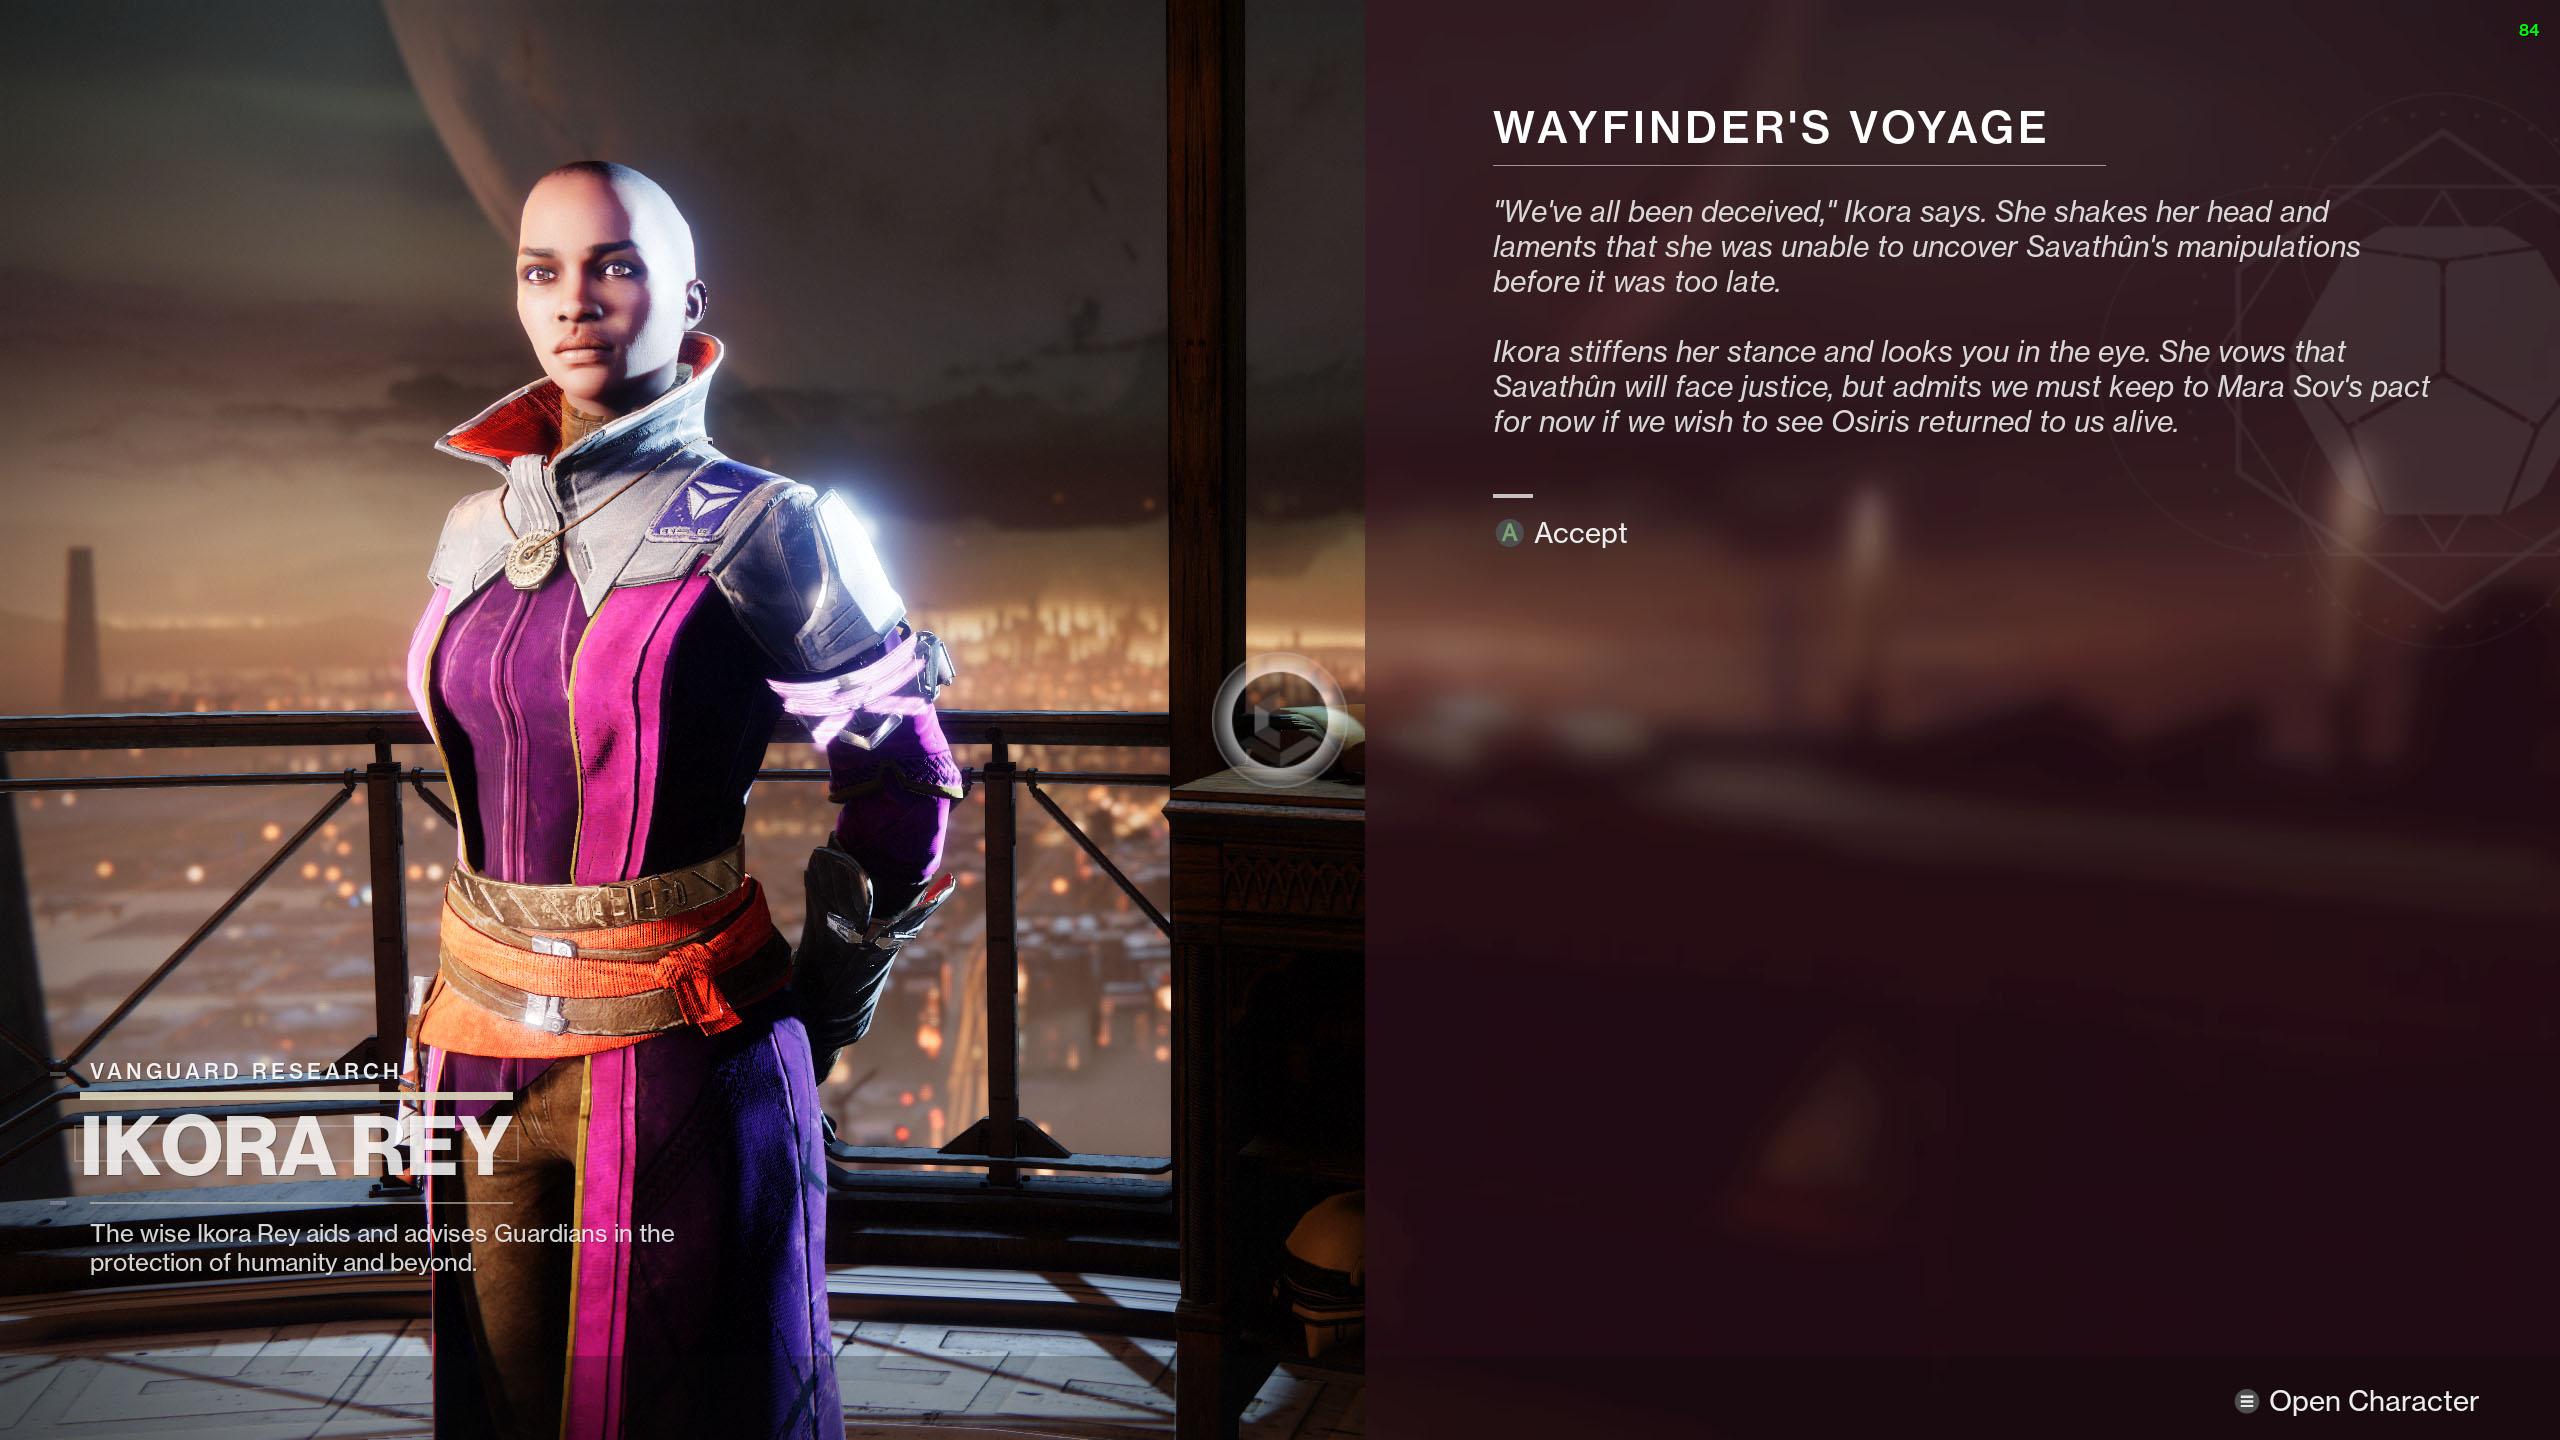 destiny 2 season of the lost campaign wayfinders voyage